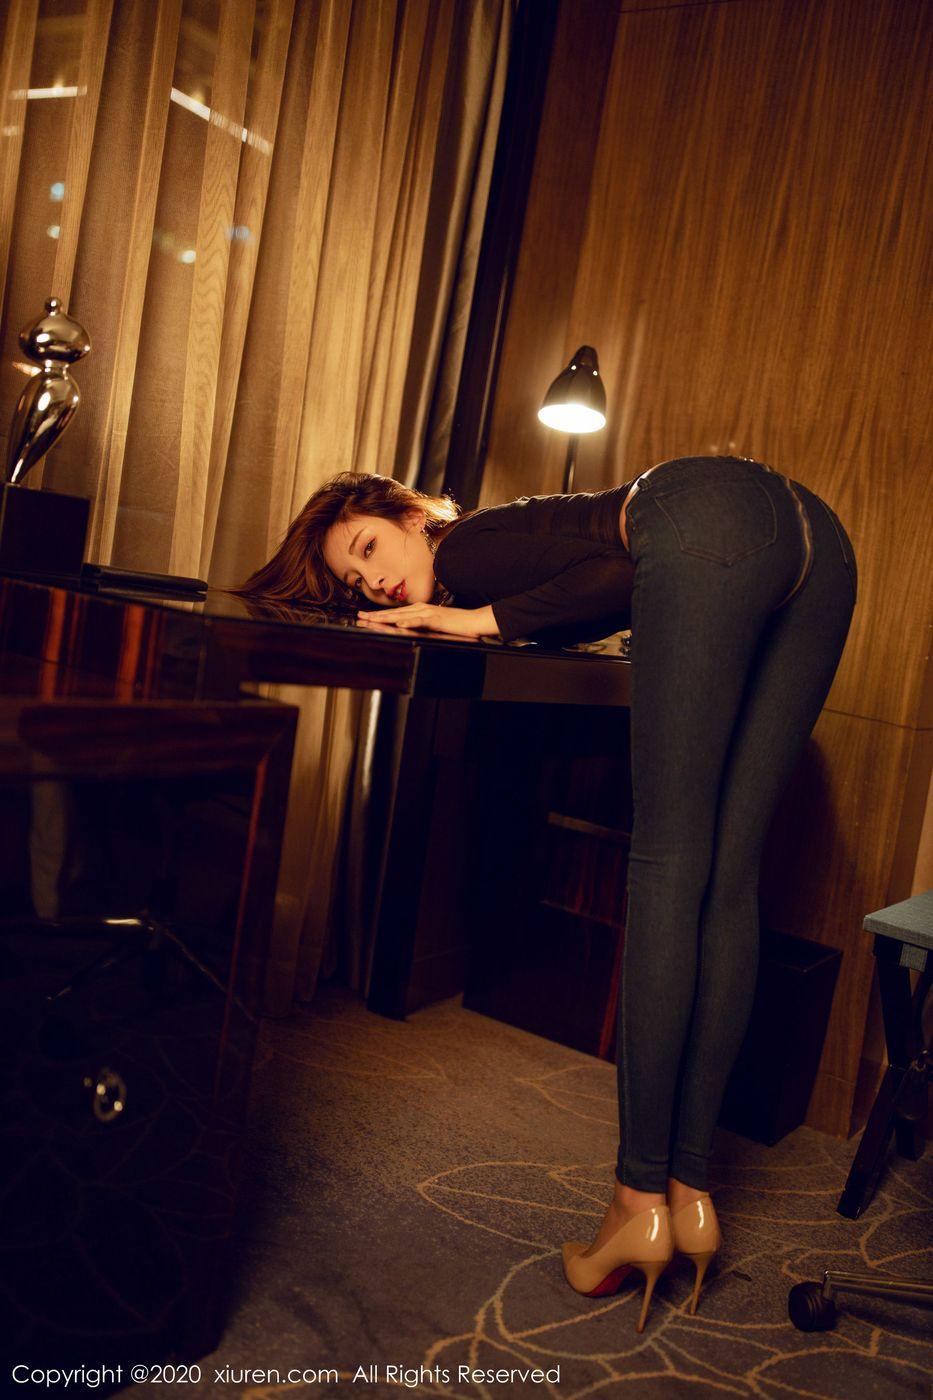 牛仔裤丝袜美腿内衣诱惑翘臀美胸短发美女秀人网-[陈小喵]超高清写真图片|1620392872更新